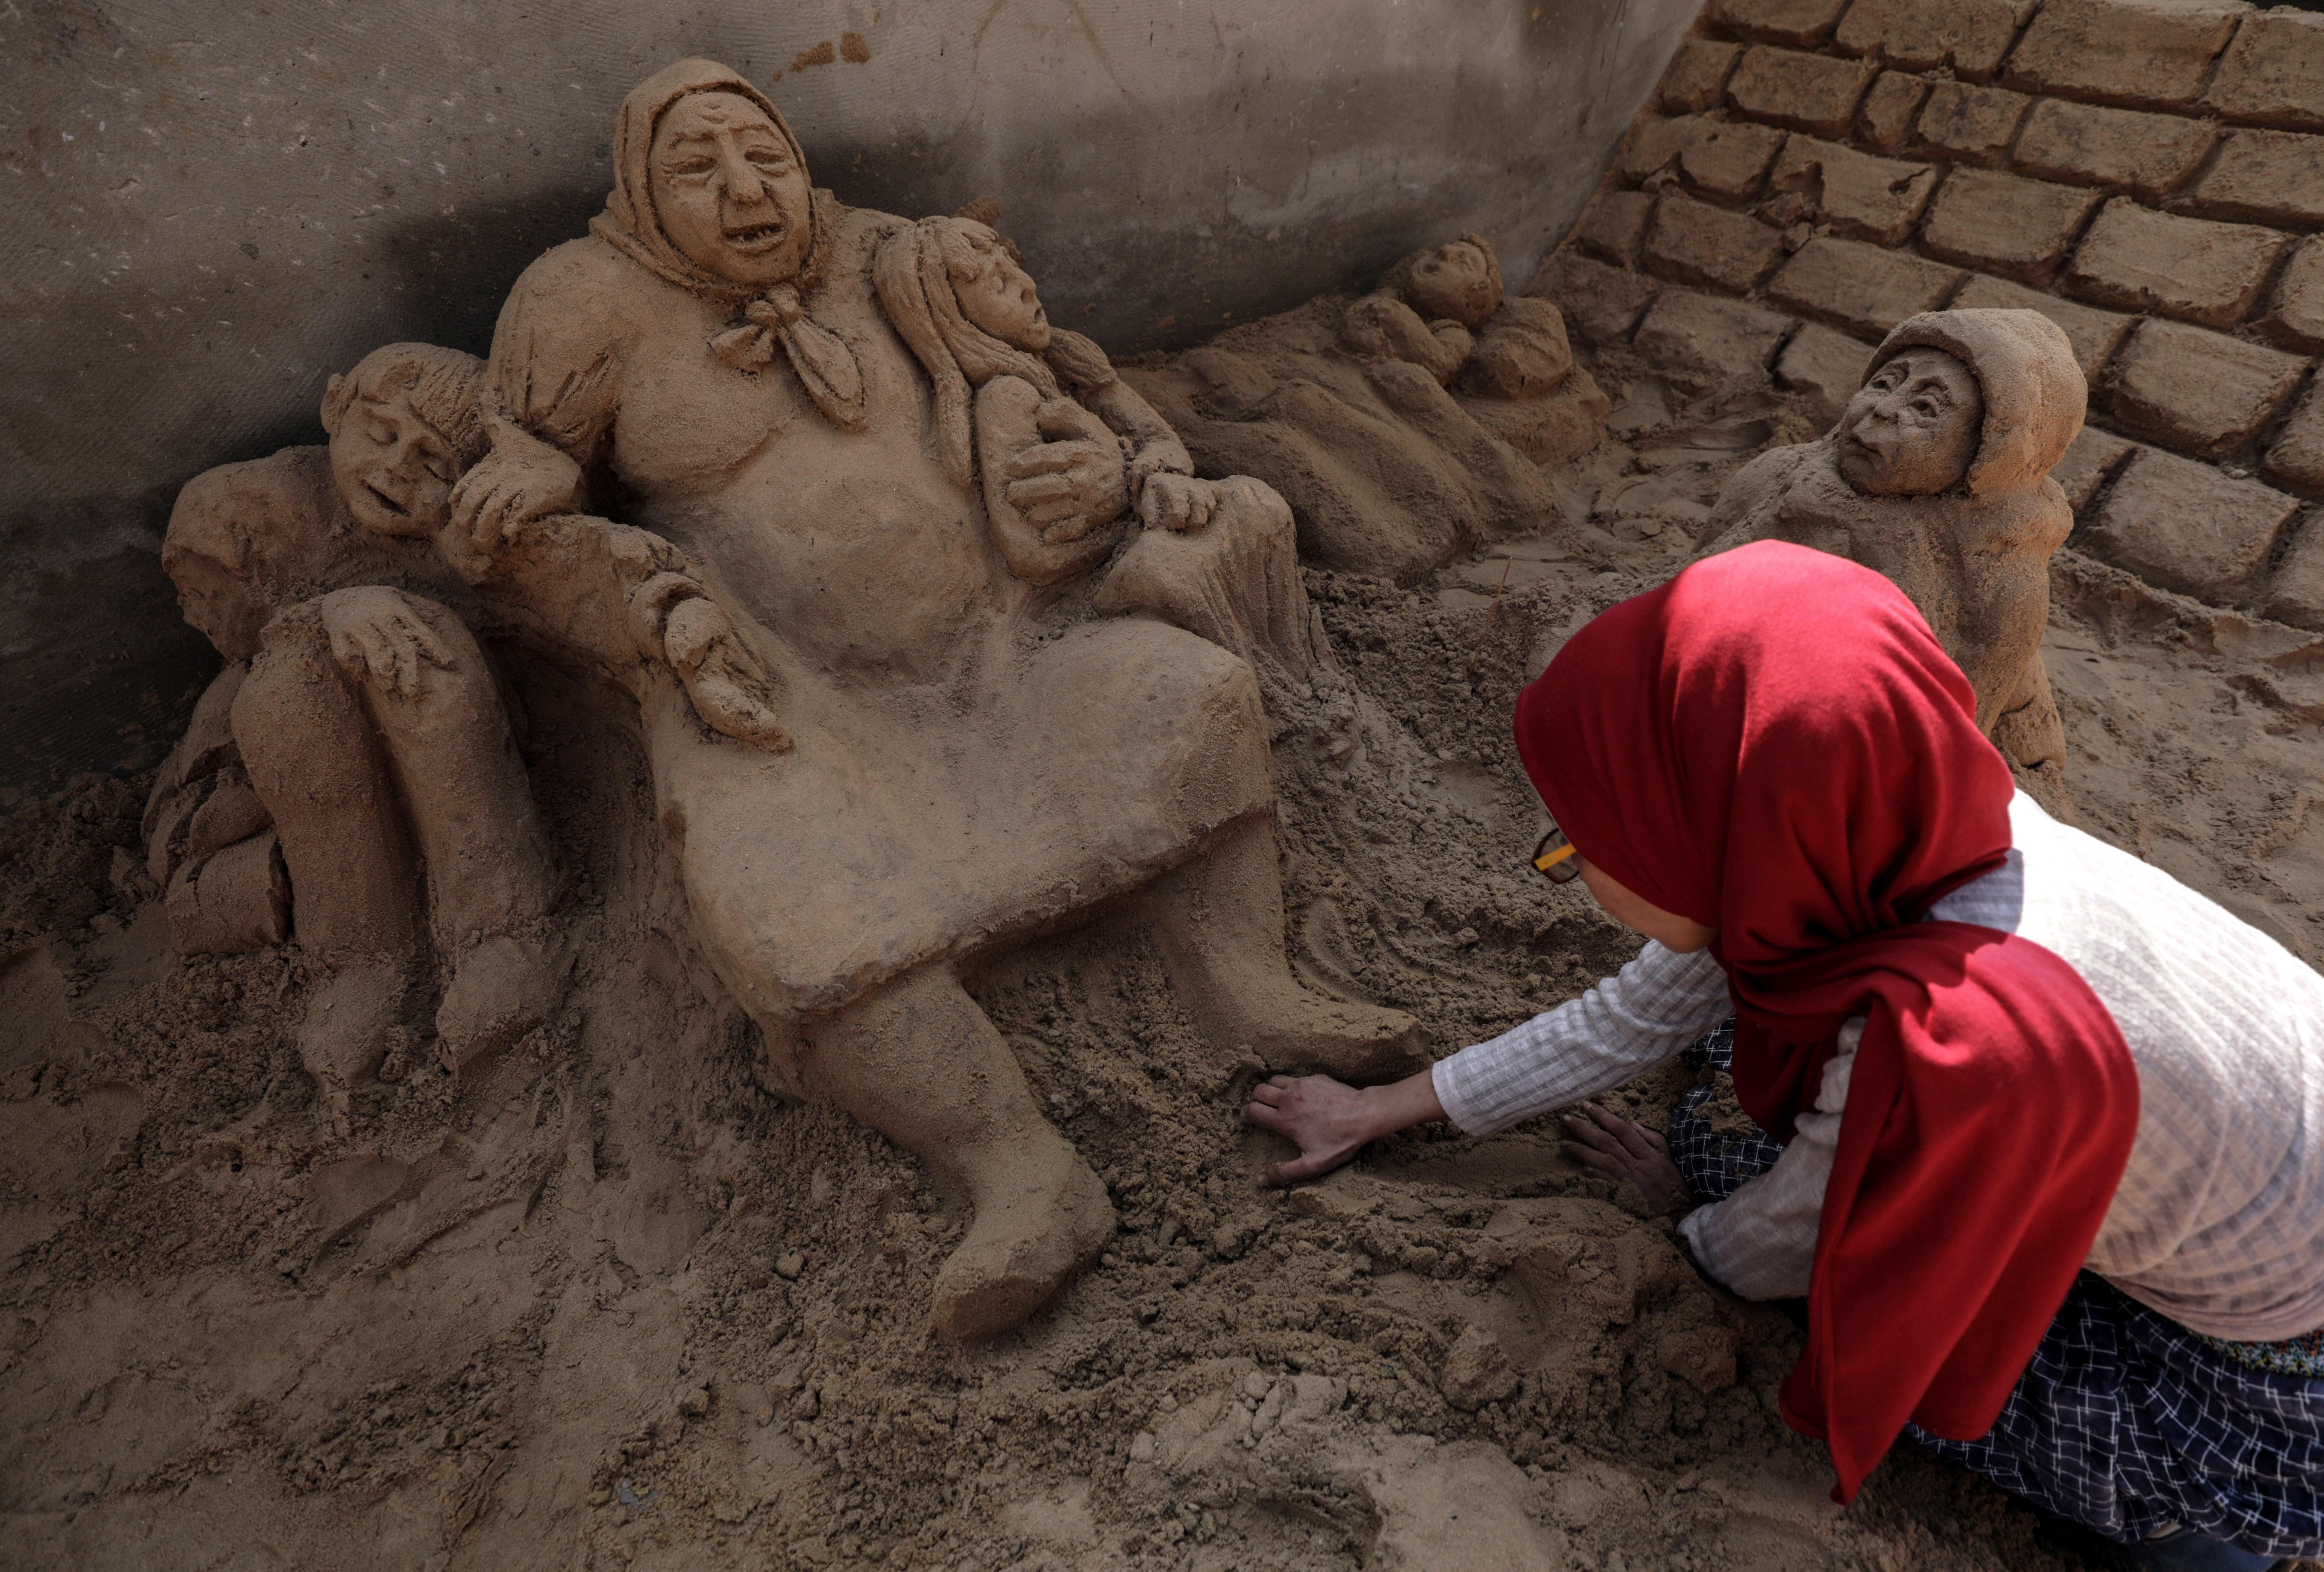 Rana Ramlawi, artista que realiza esculturas de arena relacionadas con el conflicto bélico del país, da los últimos retoques a su última obra en Gaza. EFE